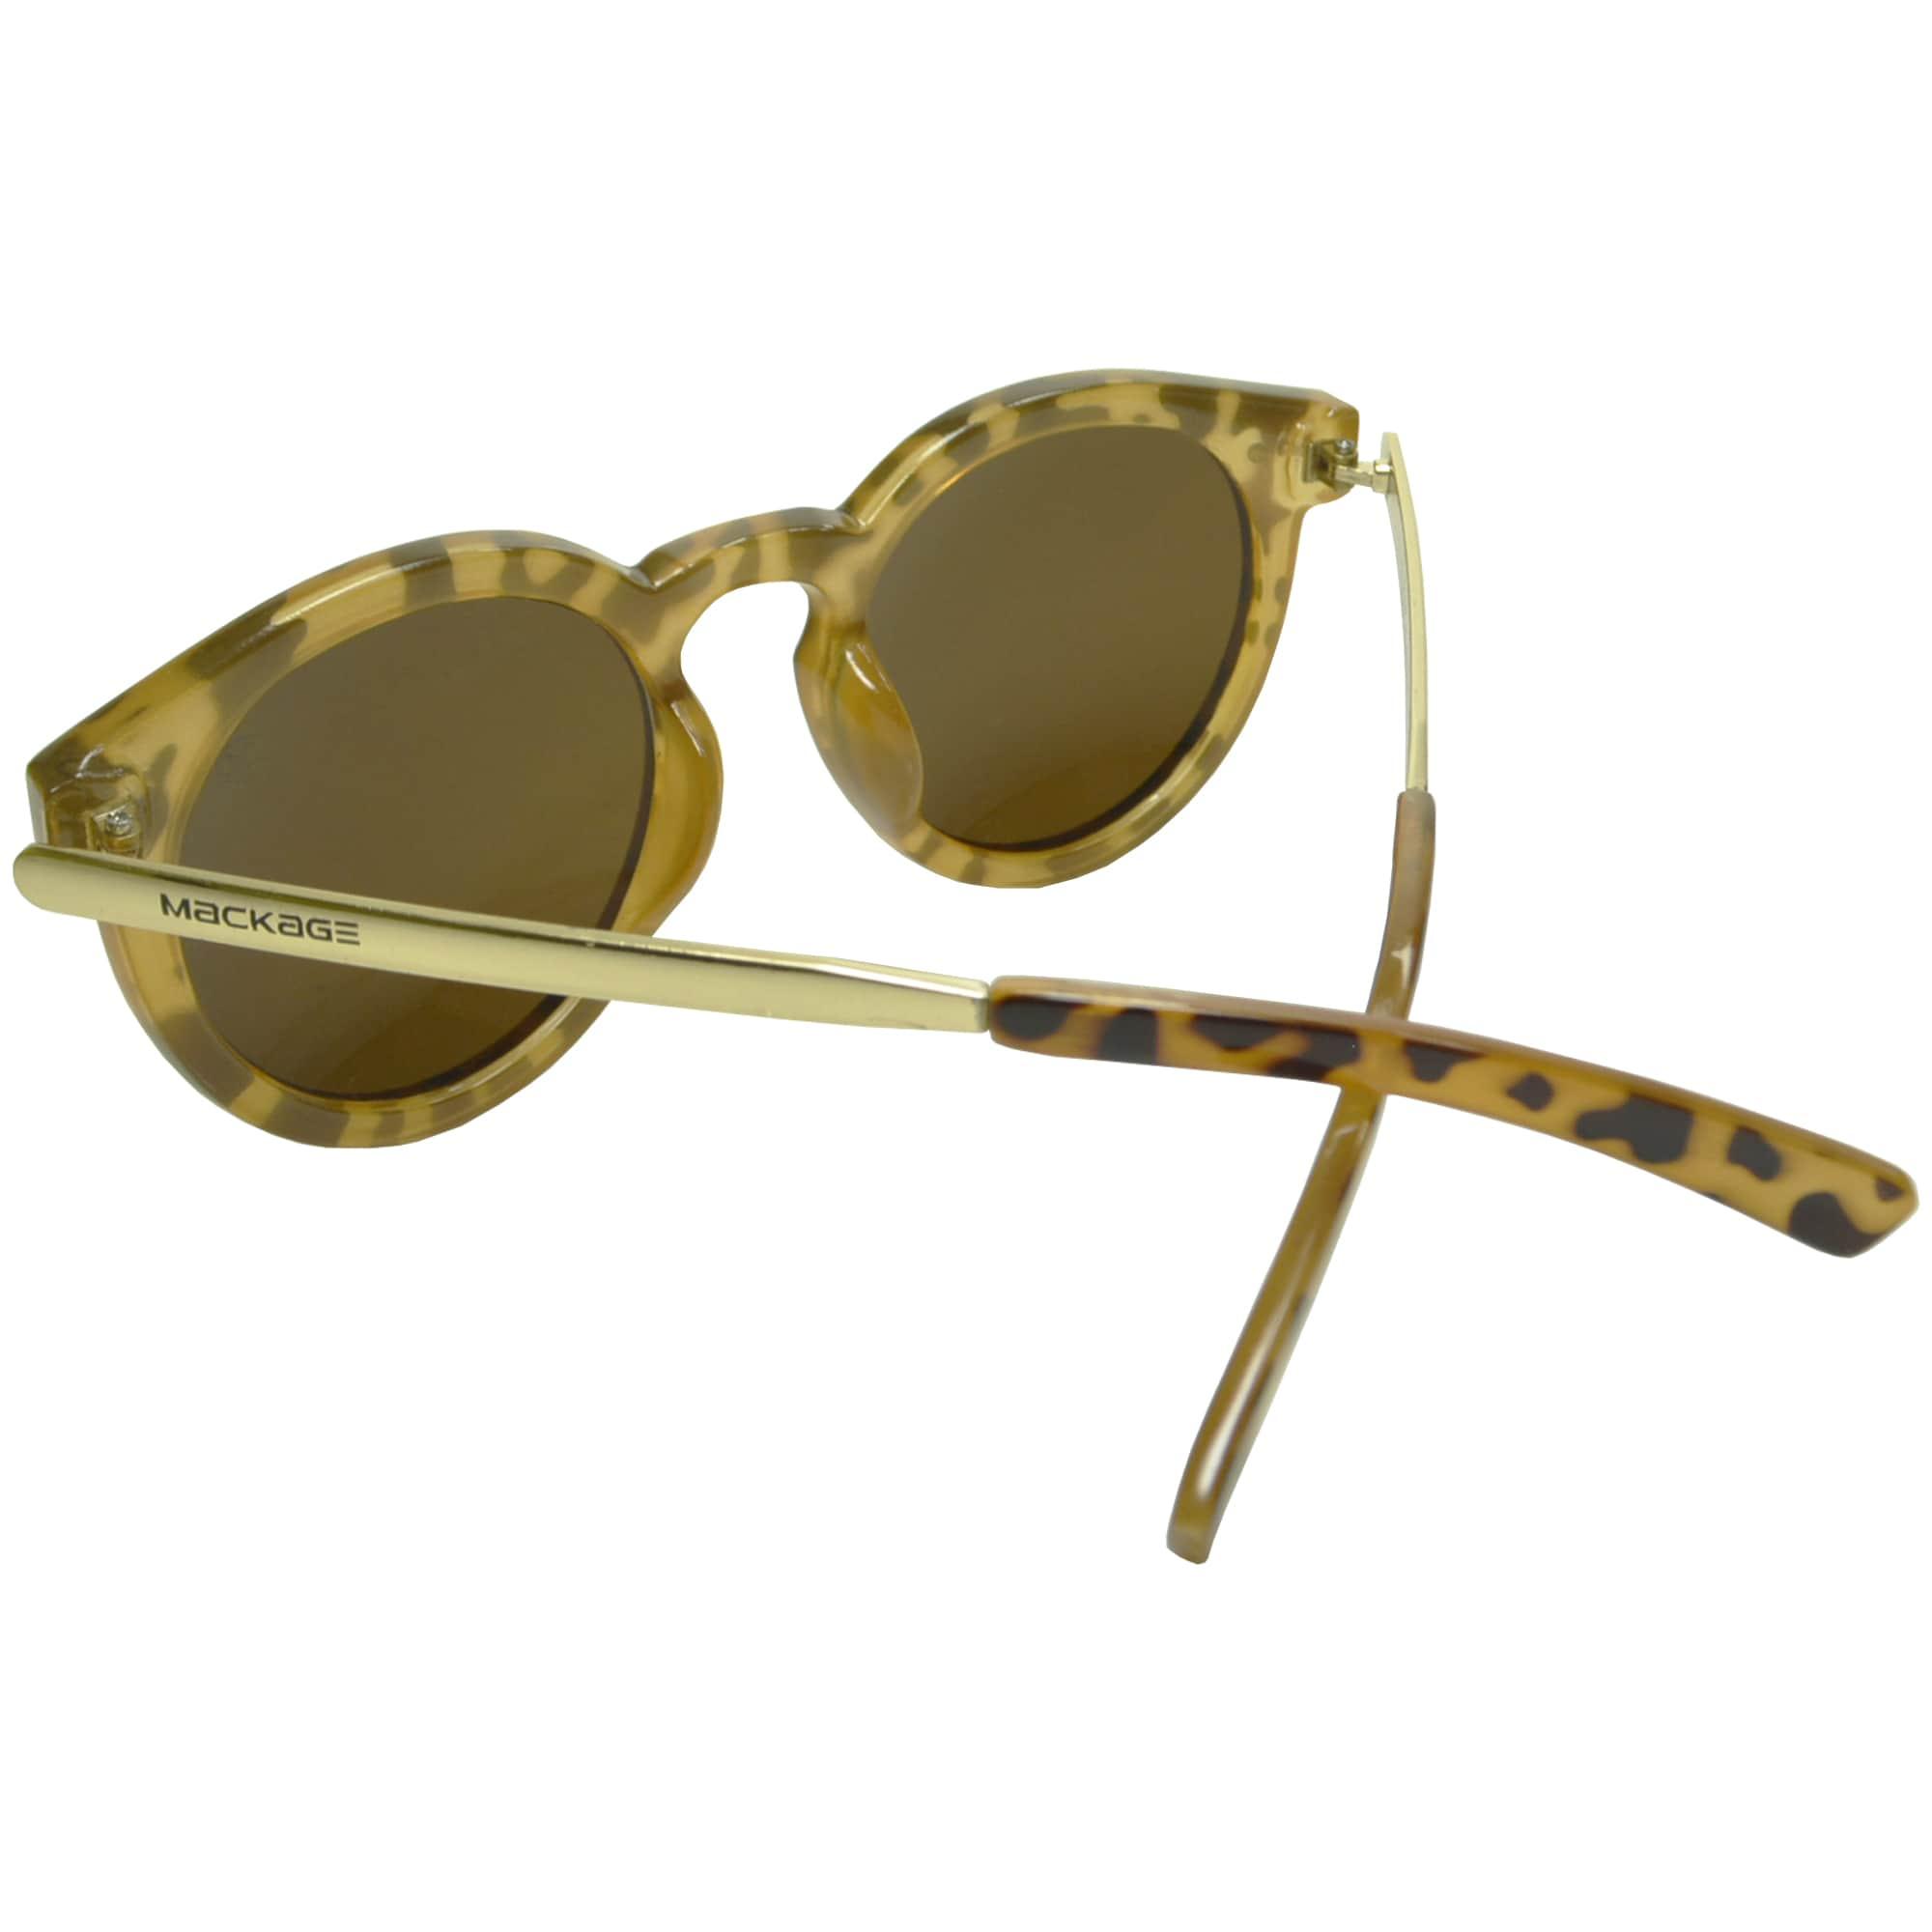 Óculos de Sol Mackage MK8925 Tarta